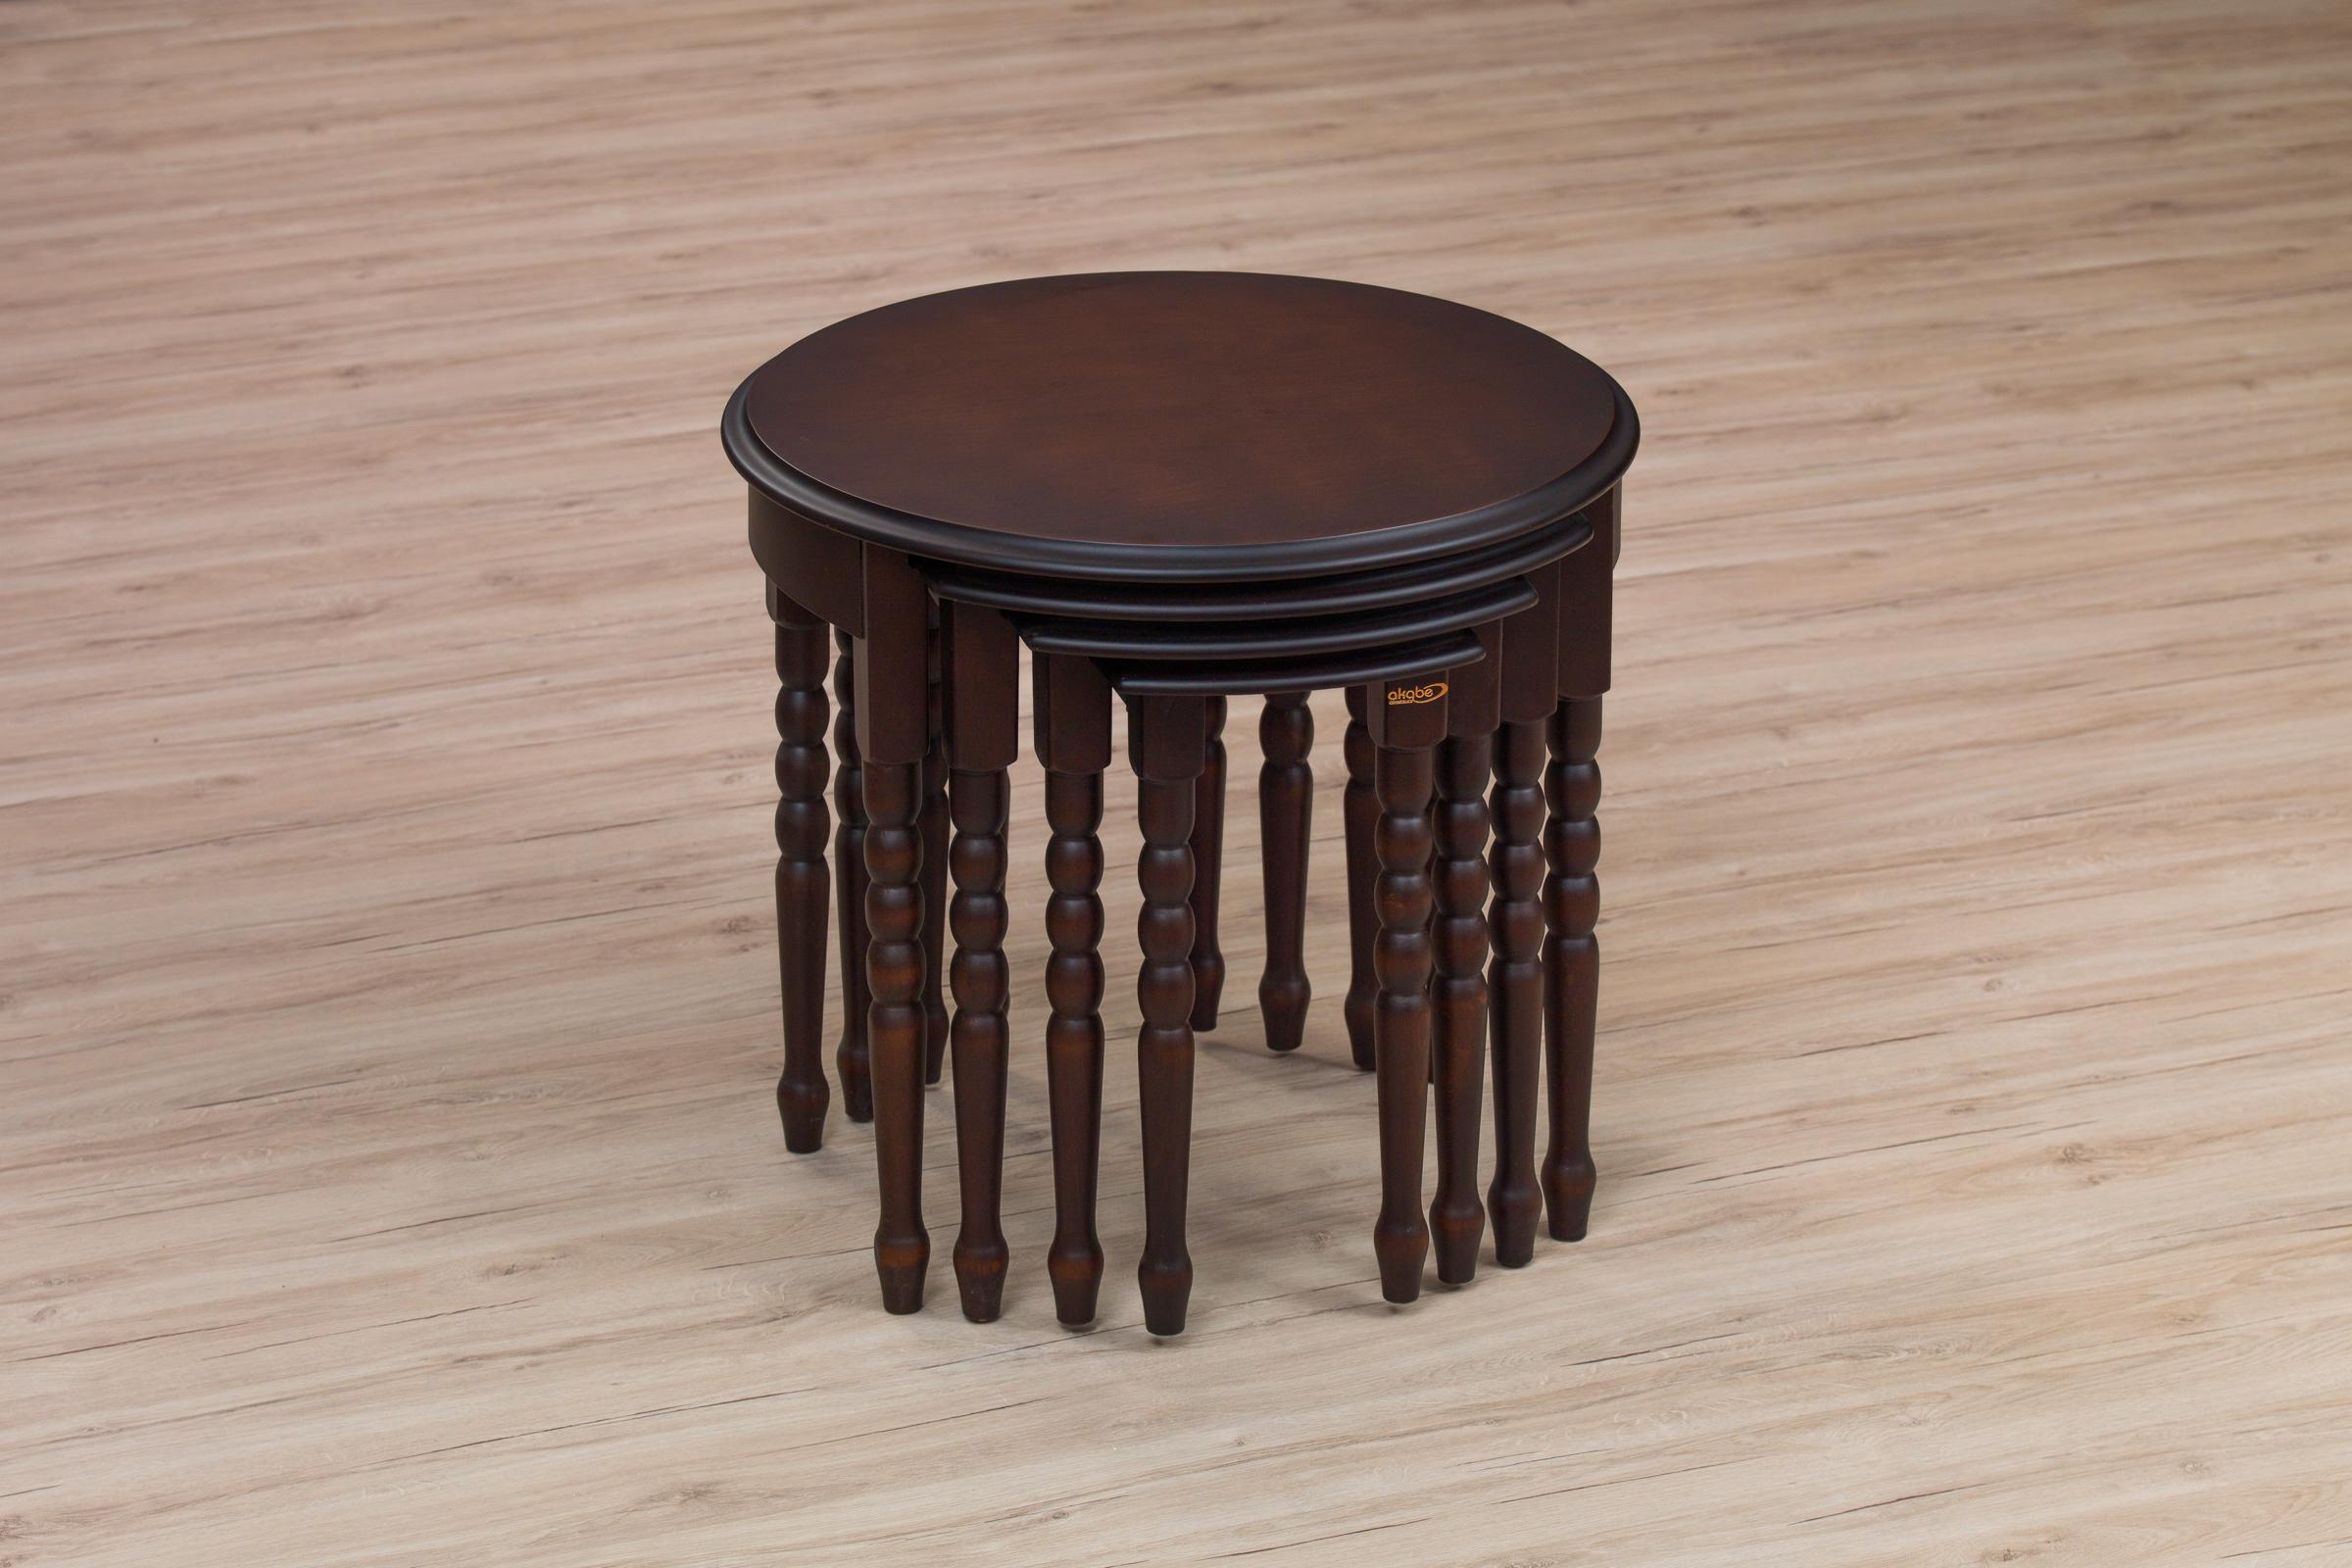 110 COFFE TABLE SET 4 PART